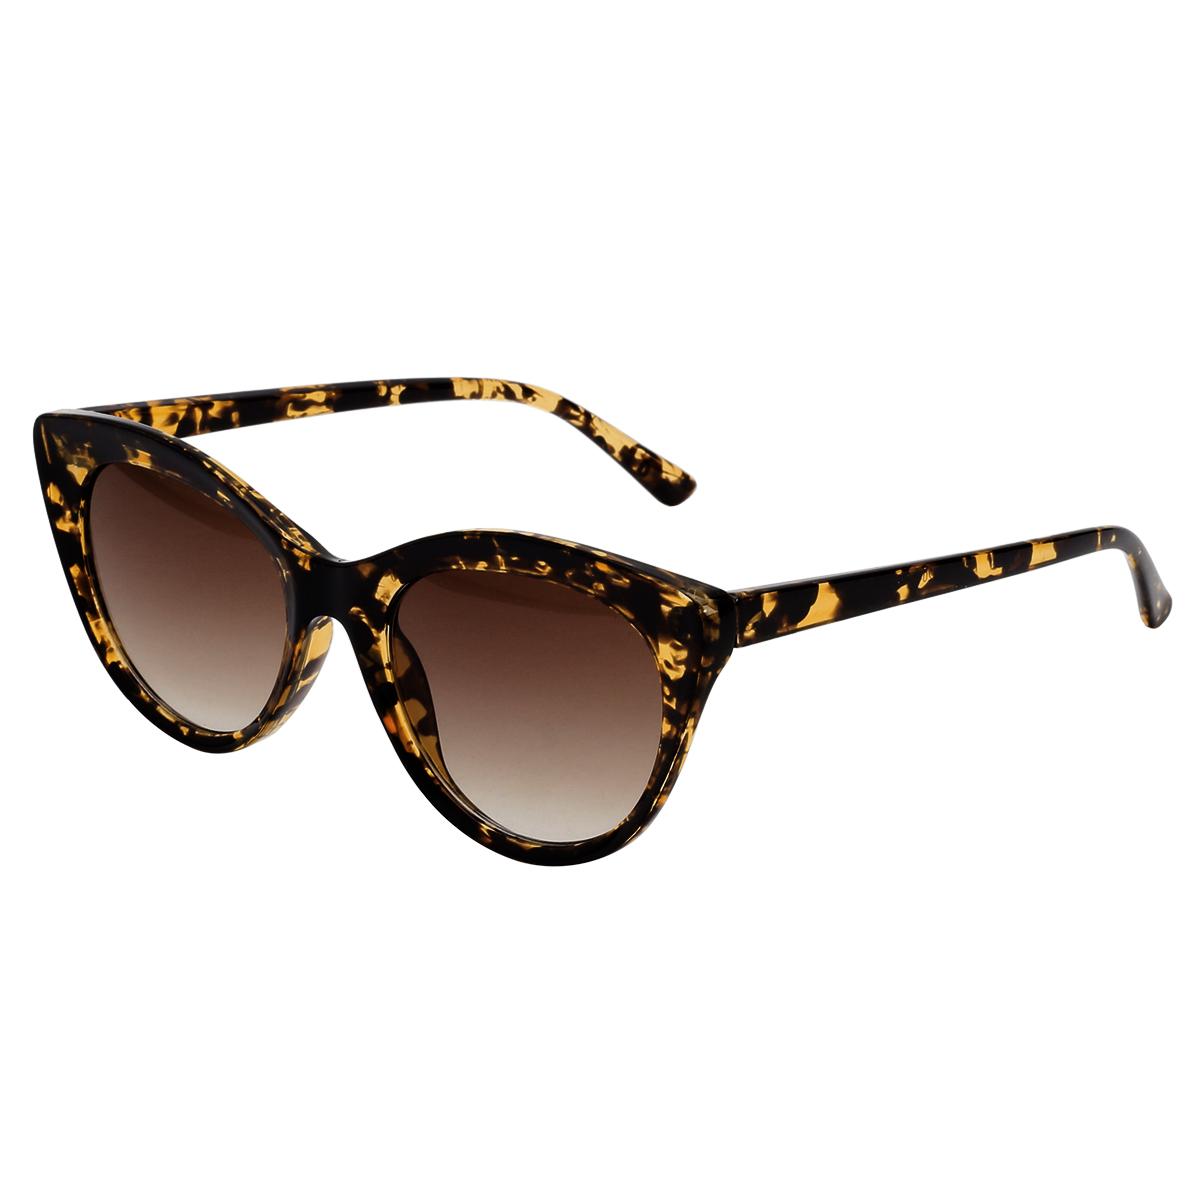 Sonnenbrille summertime